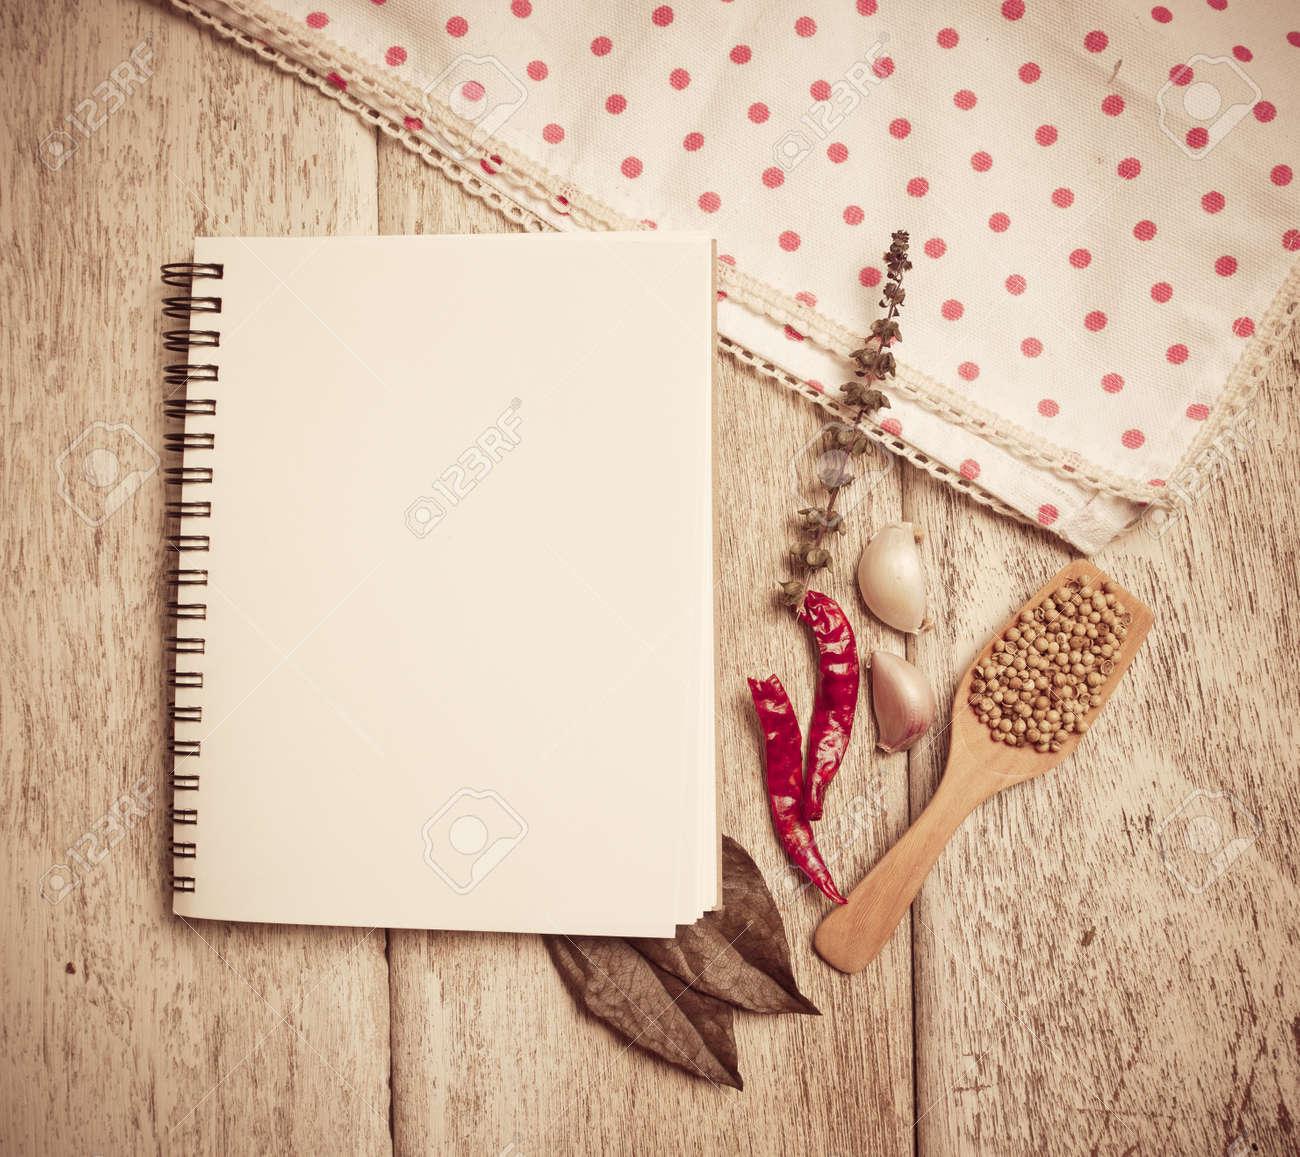 Livre De Recette Vierge Avec Une Cuillere En Bois Et Des Herbes Fraiches Et D Epices Sur Fond En Bois Image Couleur Vintage Aux Tons